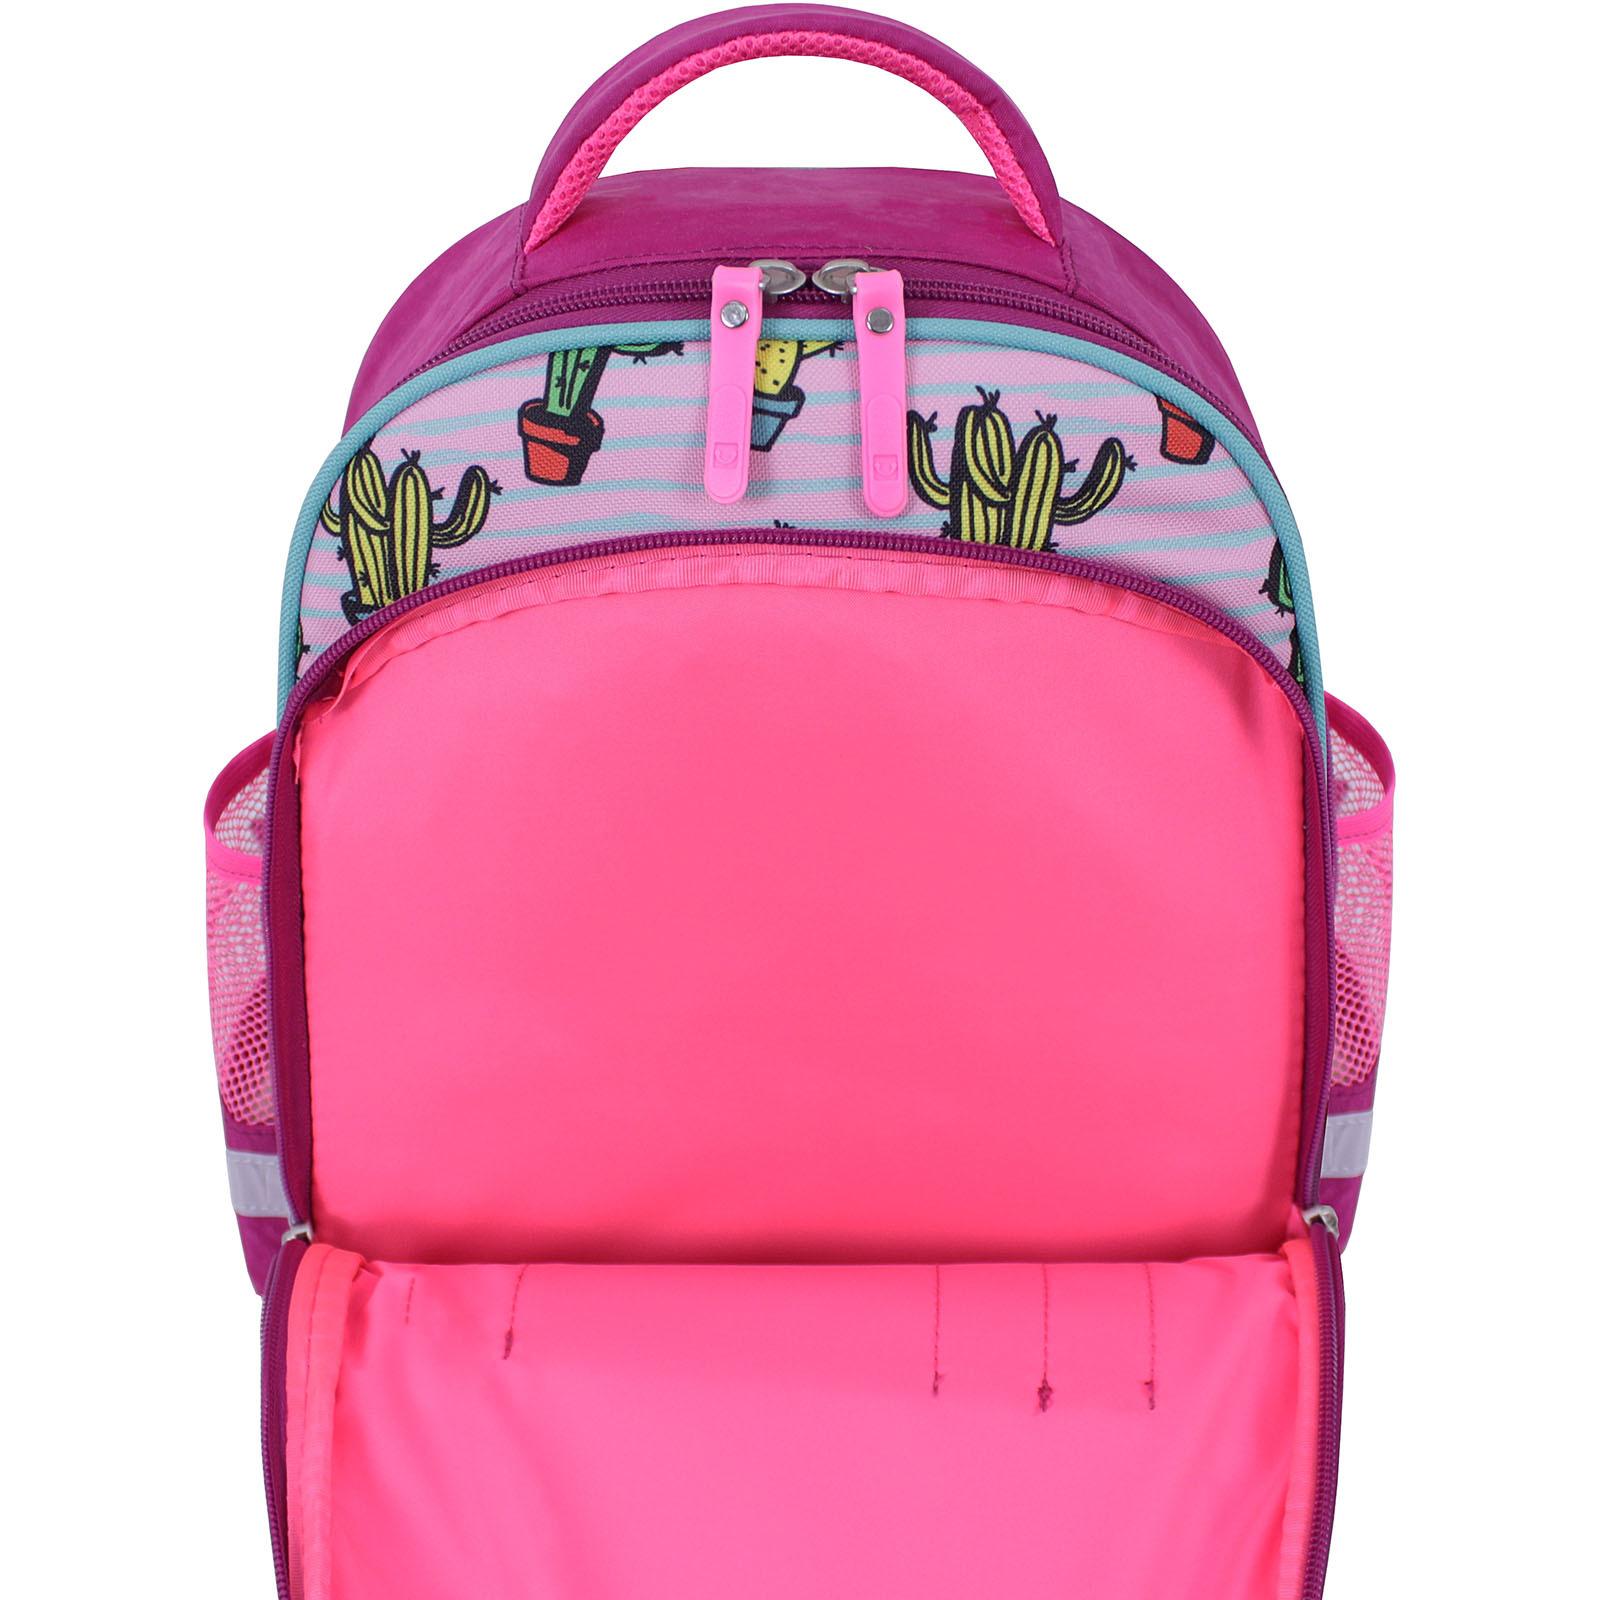 Рюкзак школьный Bagland Mouse 143 малиновый 617 (0051370) фото 4